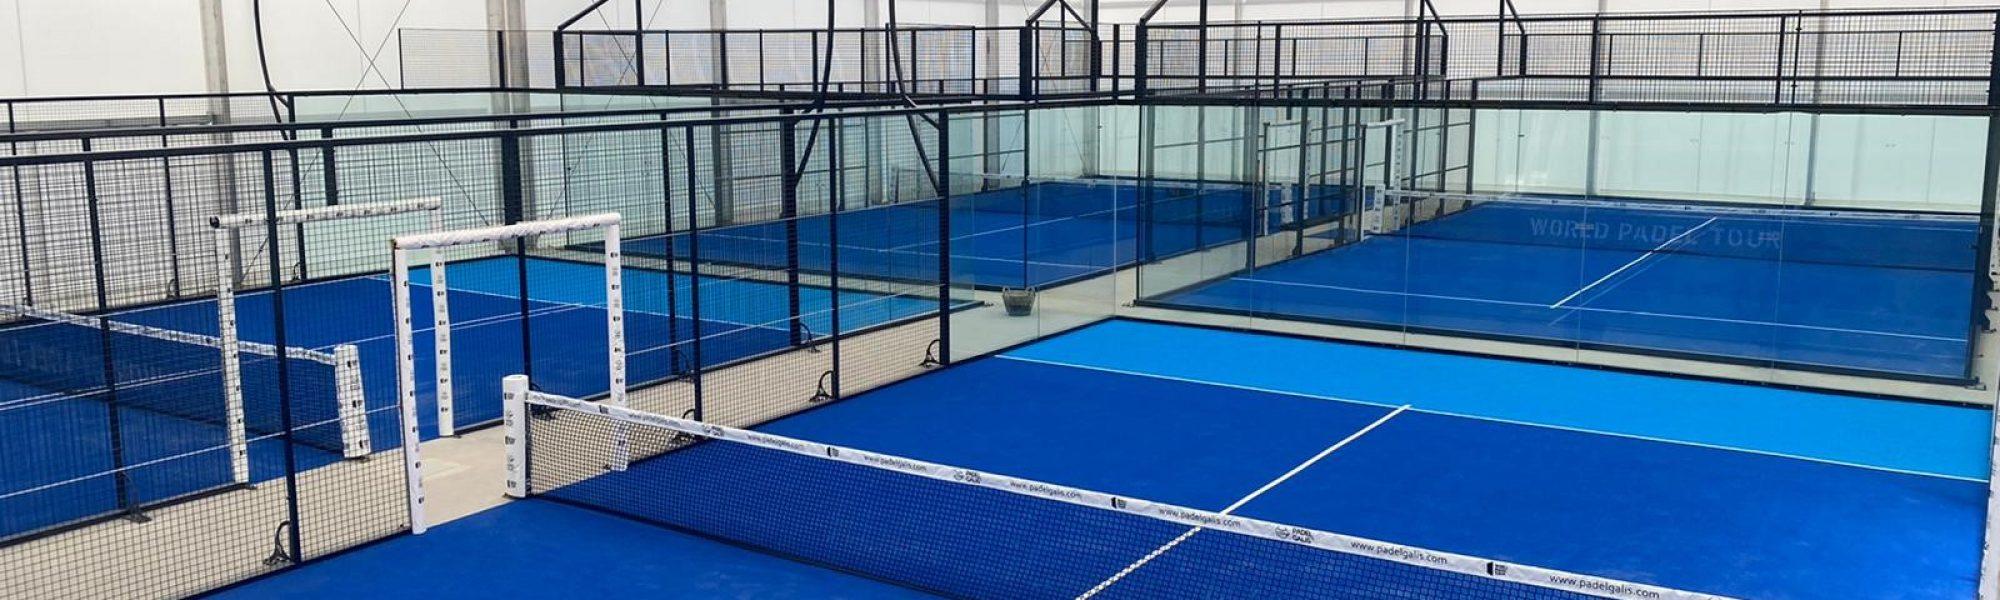 Club Vimpadel, equipado con siete pistas con césped Supercourt XN de Mondo, dos de ellas con césped bitono